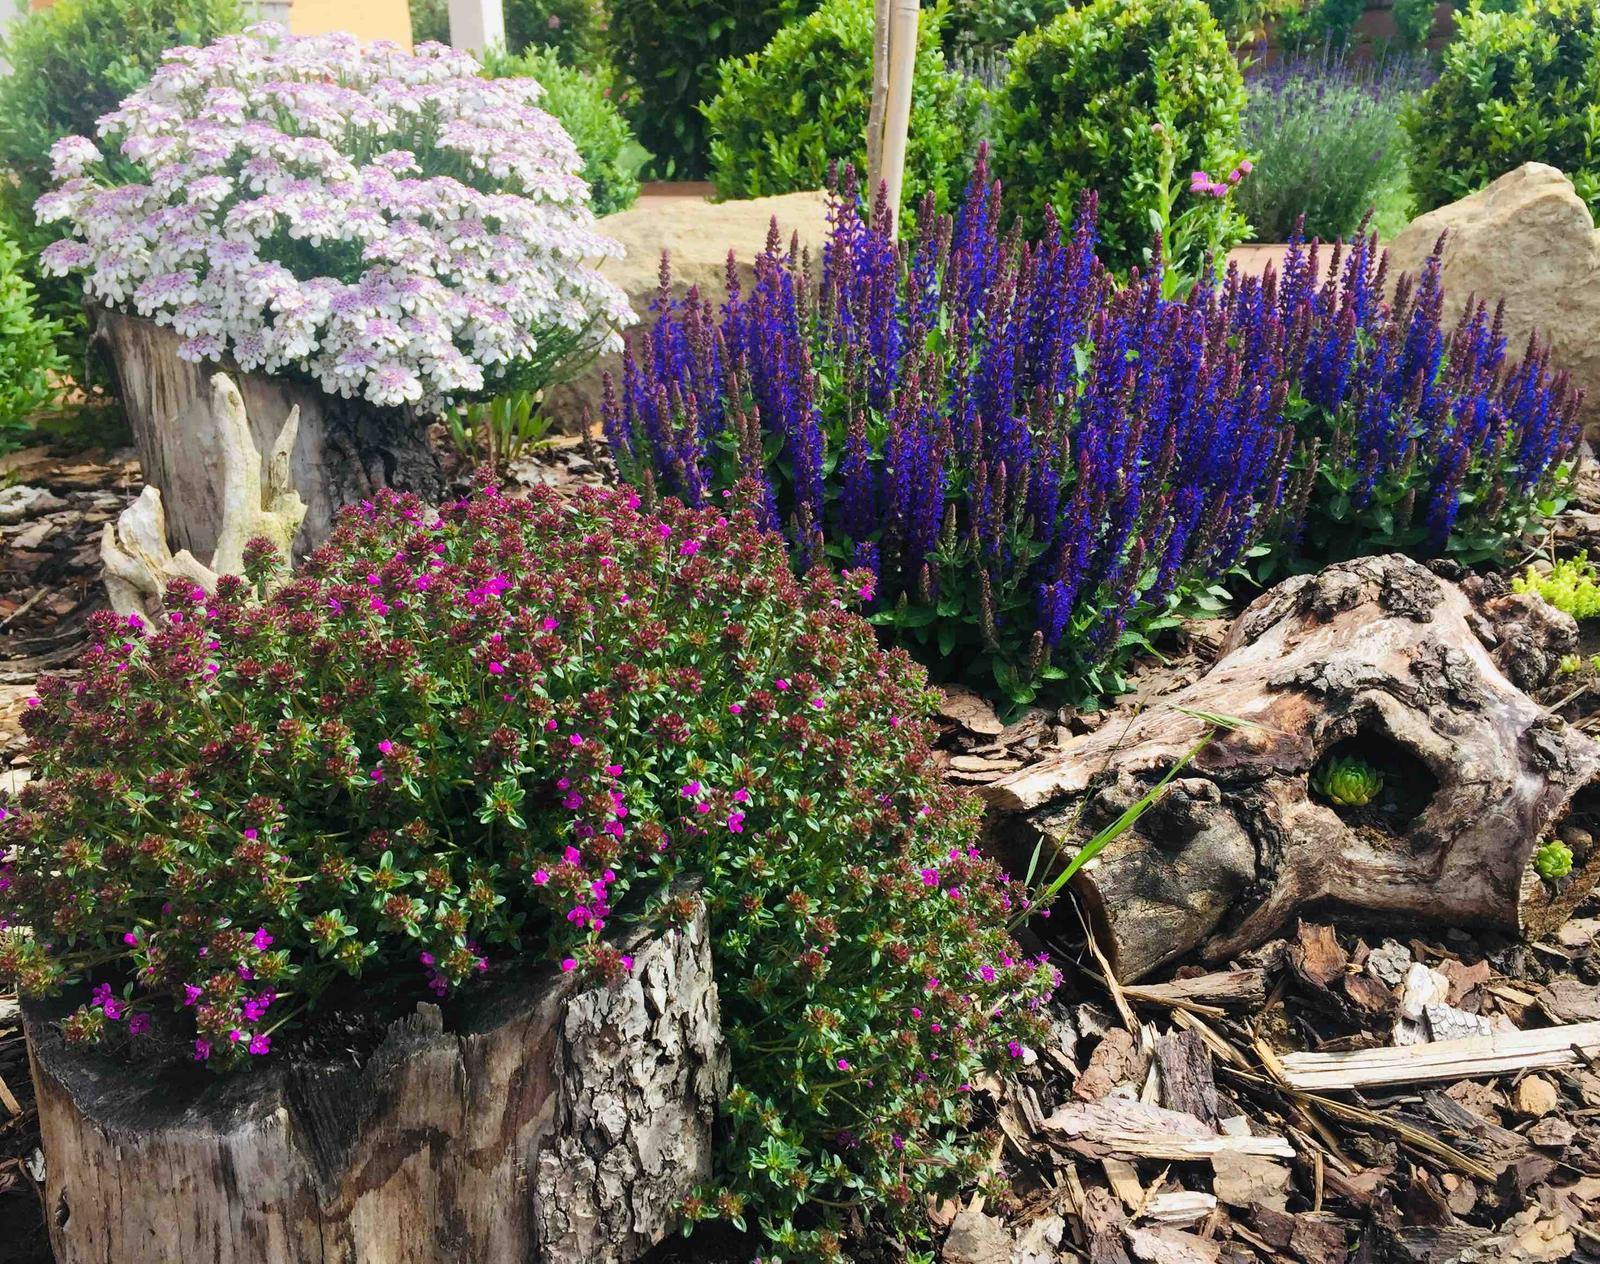 Naše barevná zahrada 🌸 - Bílá iberka stále kvete, přidala se šalvěj a začíná kvést mateřídouška 🤗